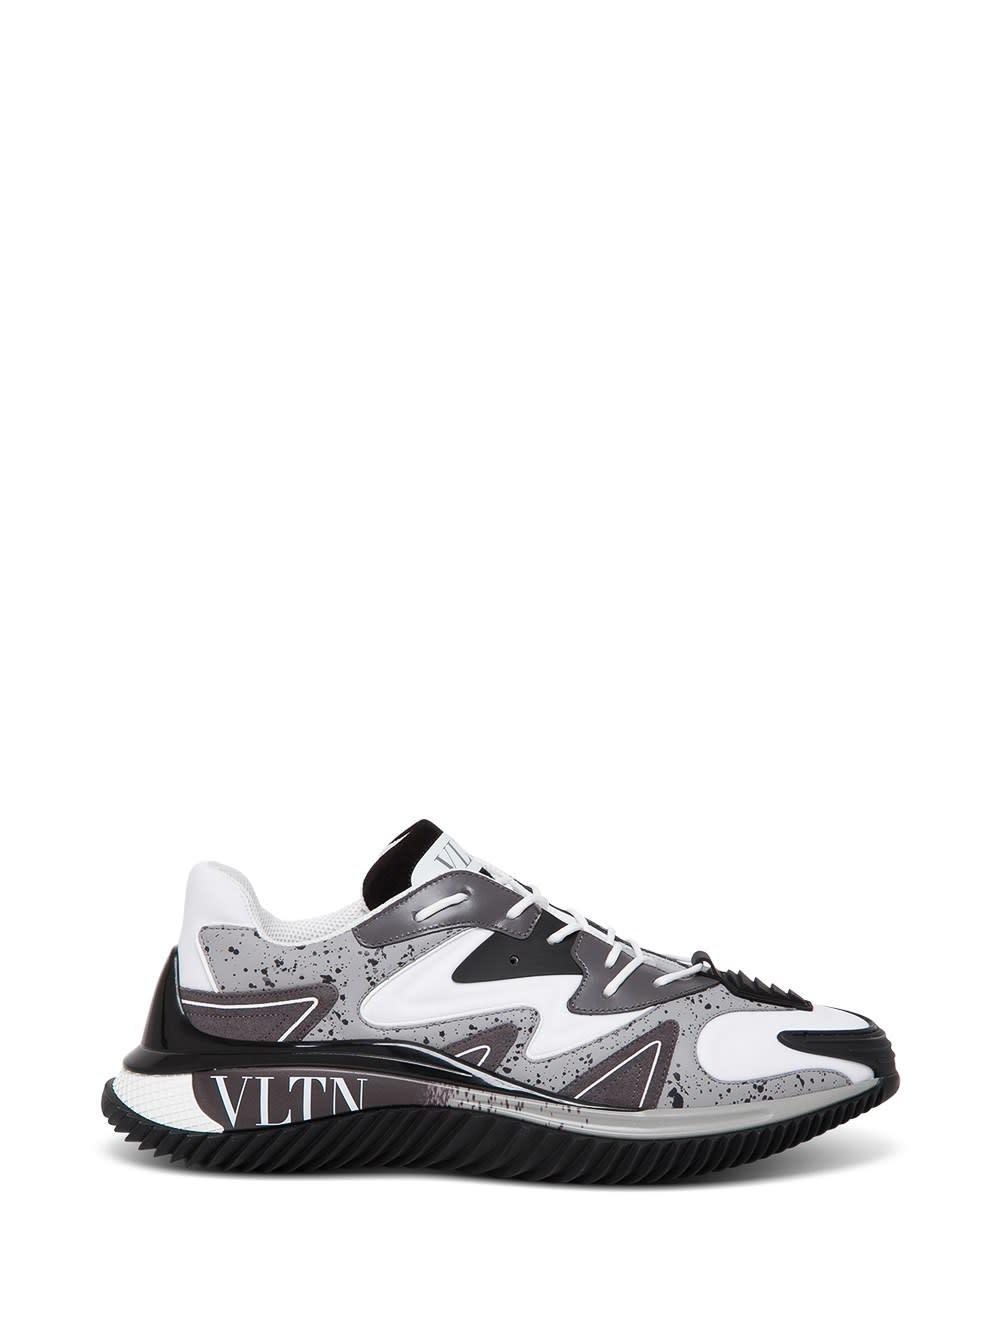 Valentino Activewears SNEAKER WADE RUNNER